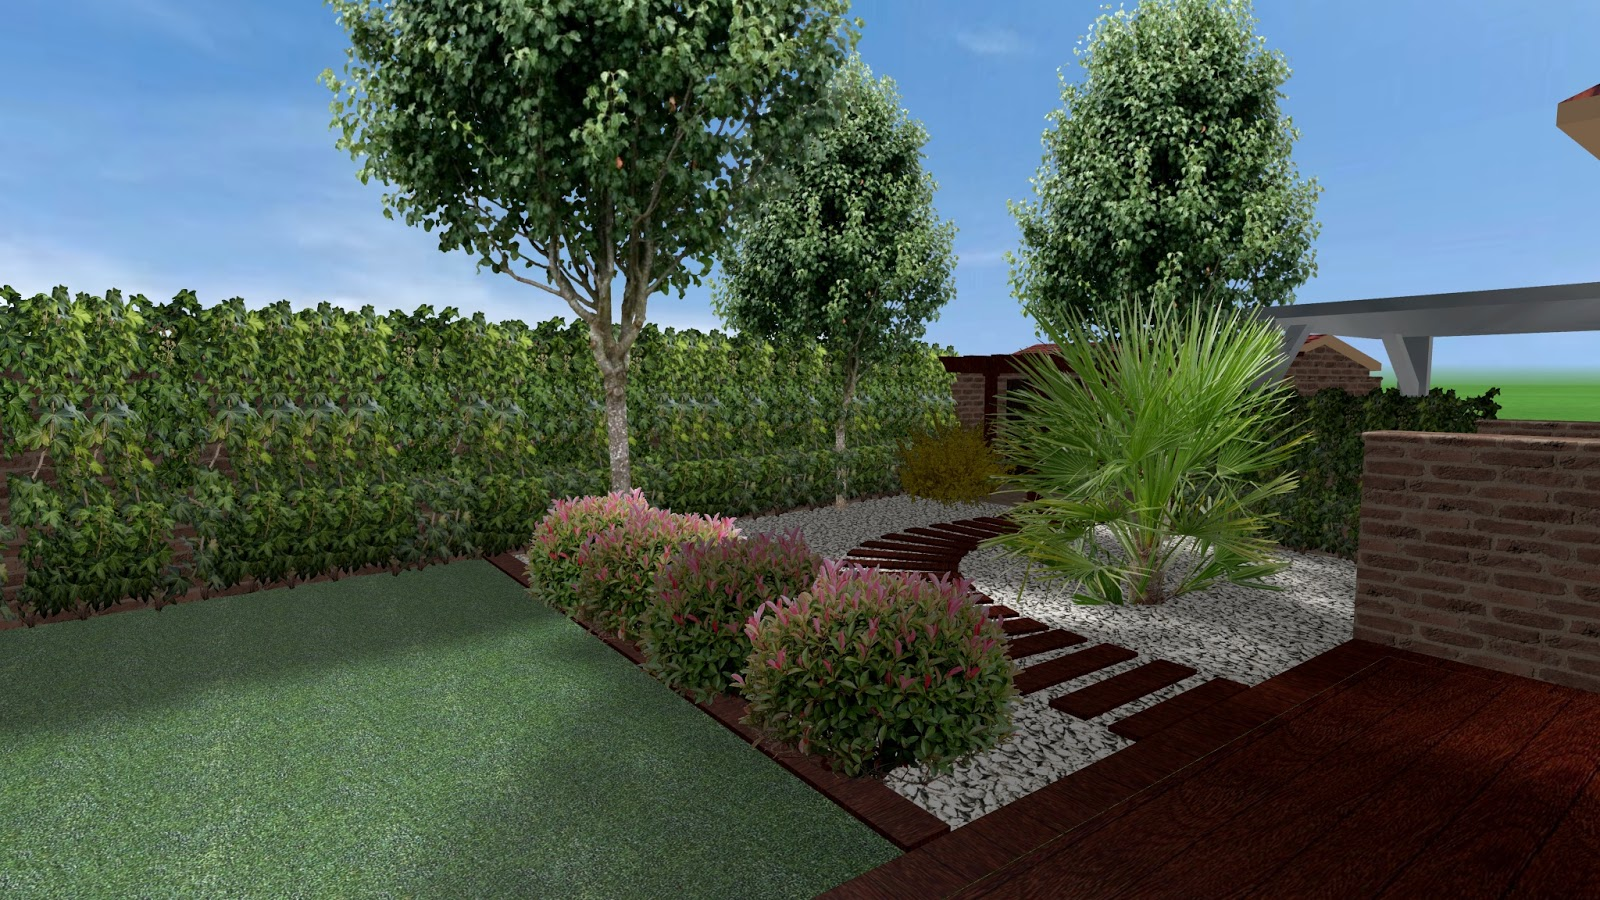 El jard n de marta dise o de jardines peque os for Diseno jardines pequenos